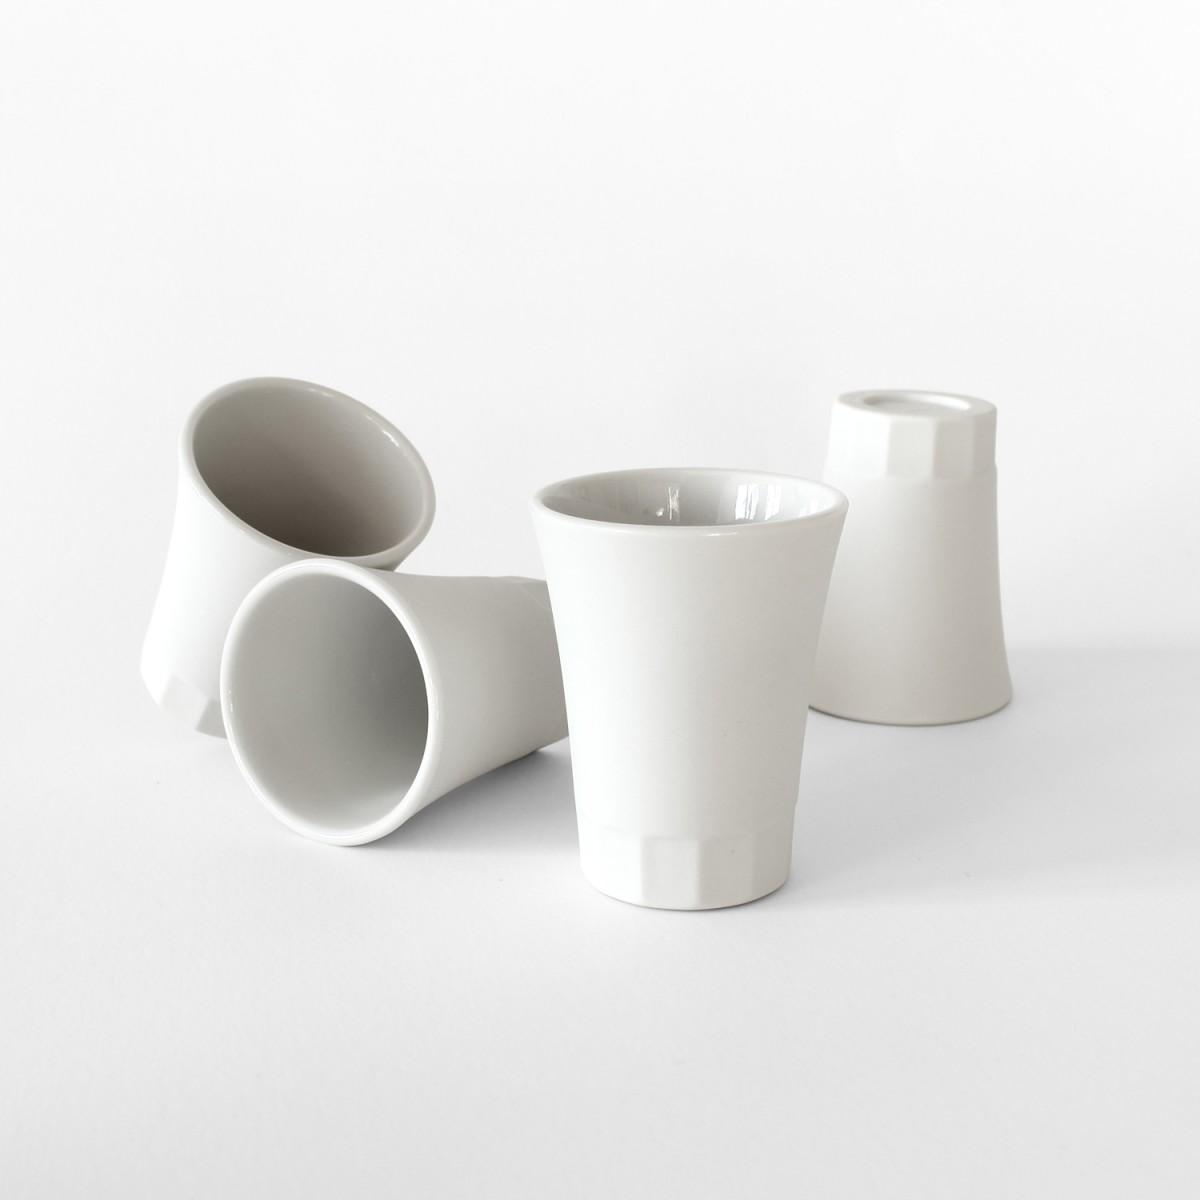 Set Tässchen für Espresso, Limoncello, und Schnaps. Weiß Porzellan POSITANO Kollektion by ORTOGONALE